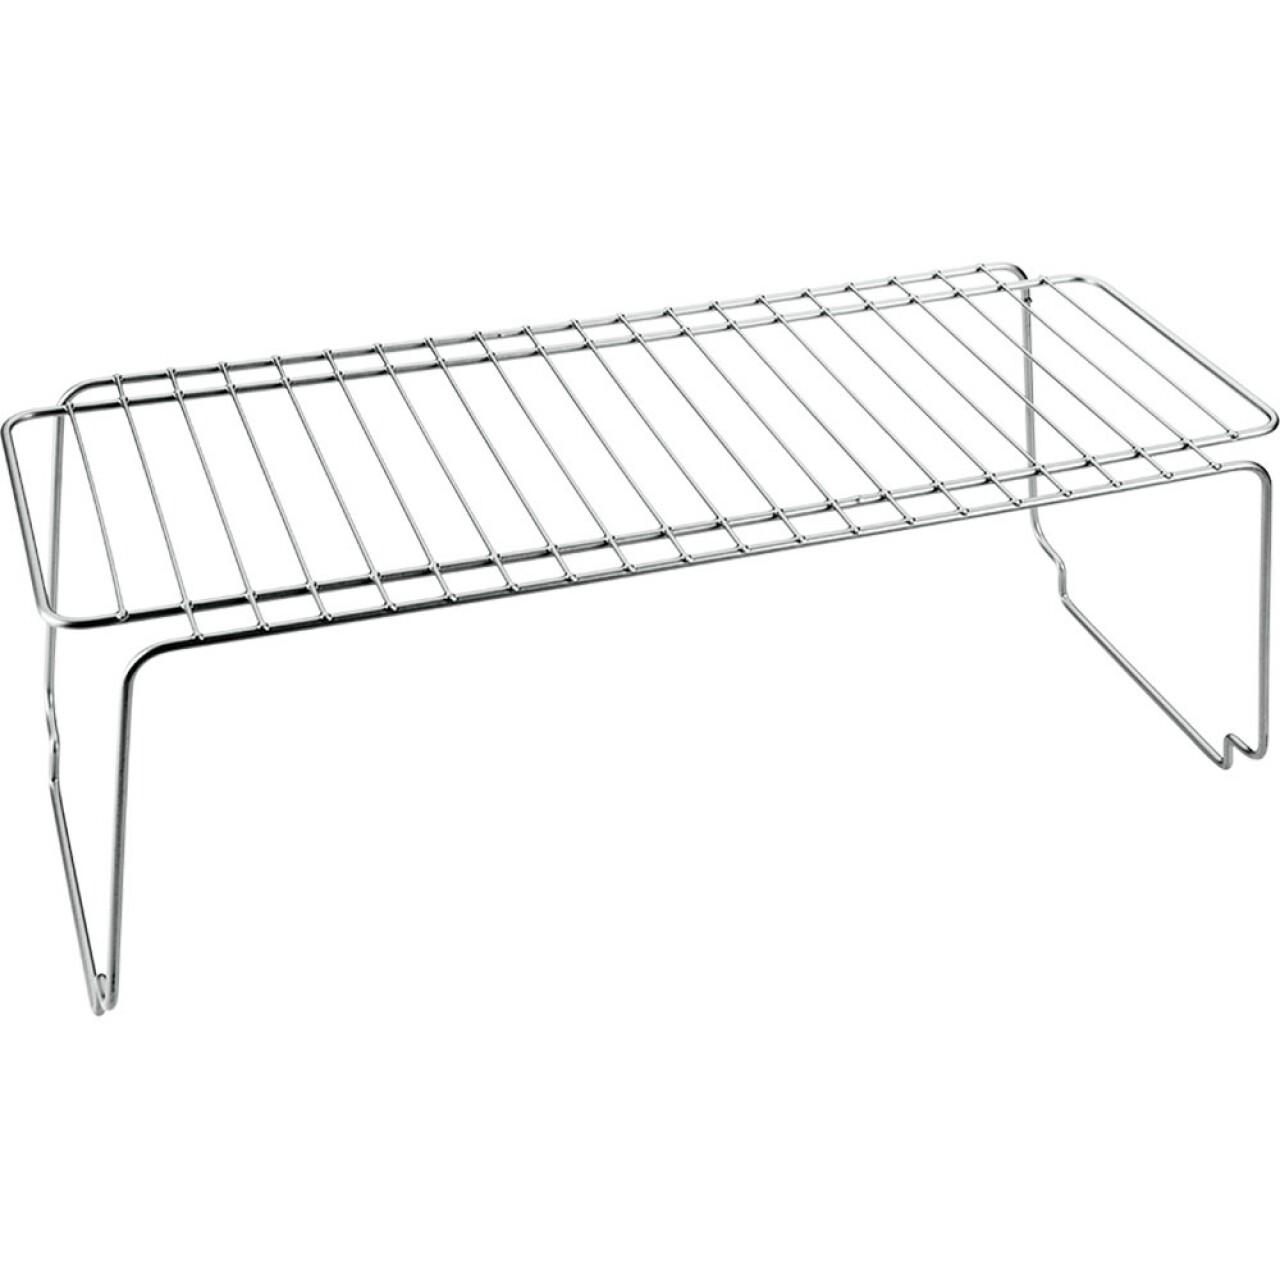 Etajera Polo, Metaltex, 45x19x18 cm, metal, argintiu